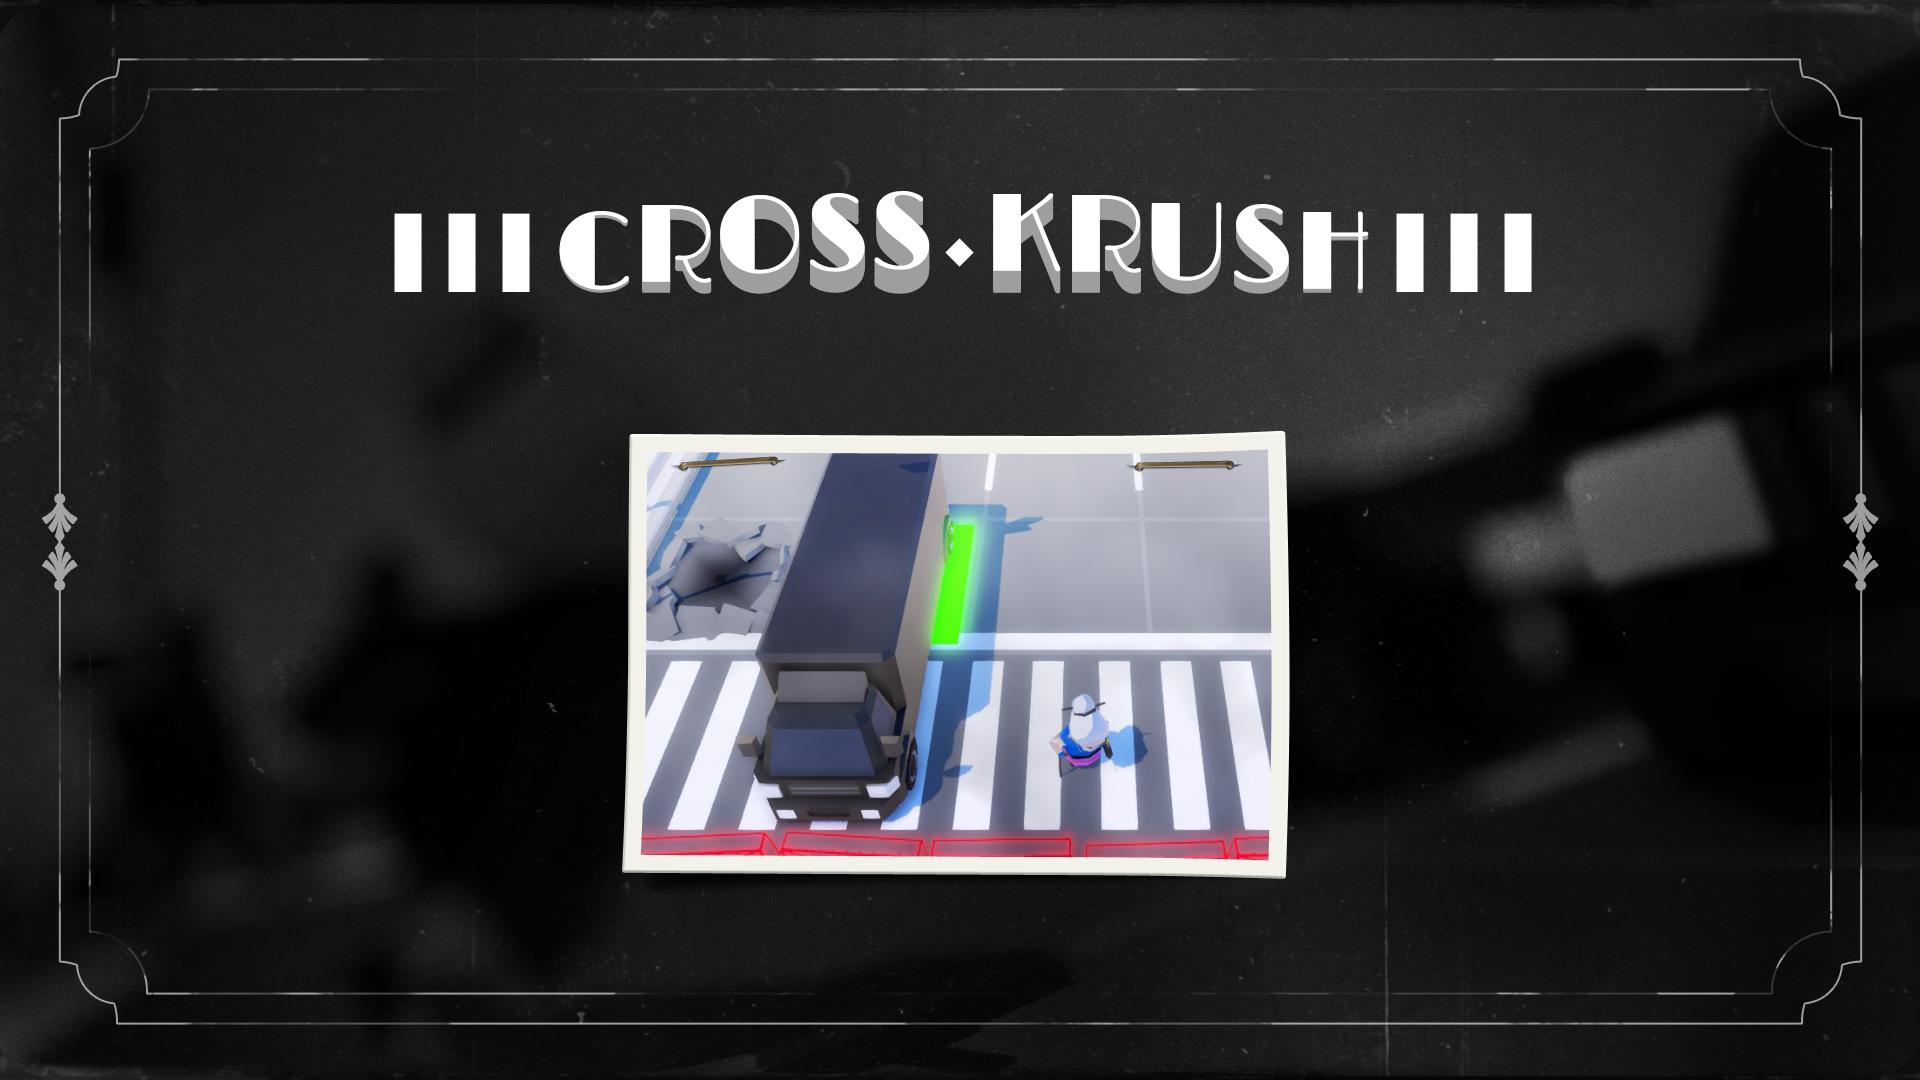 Crosshit